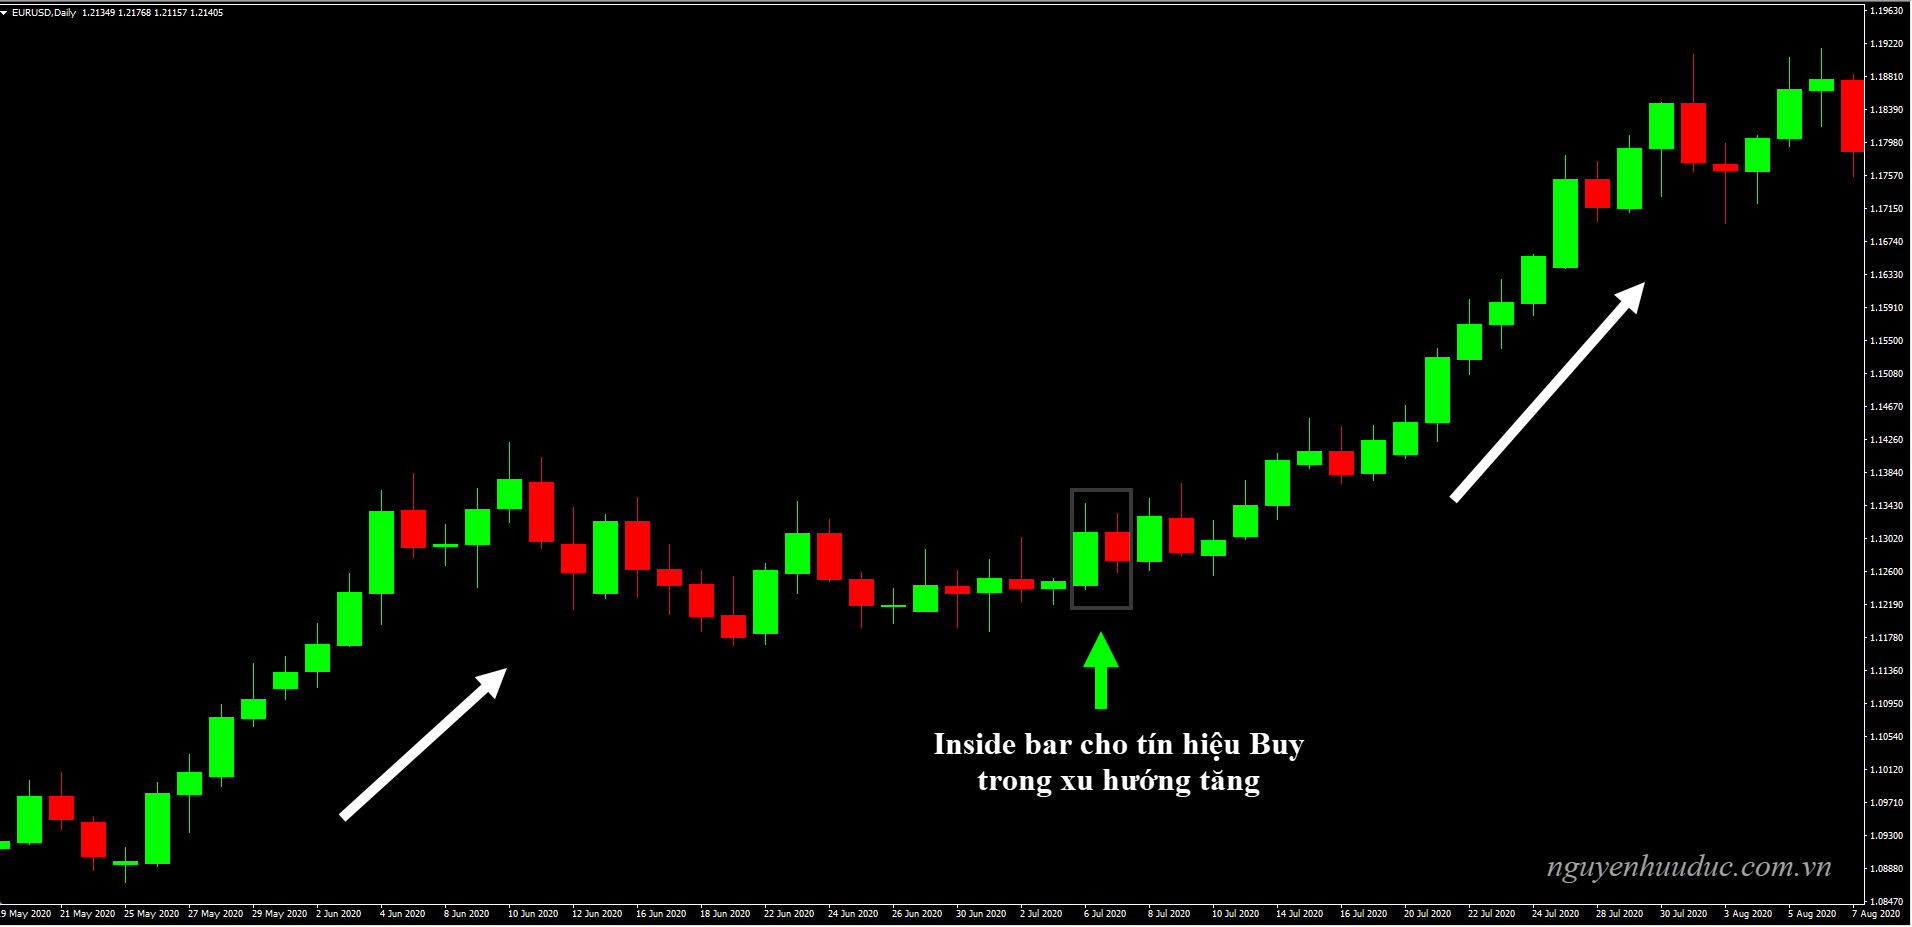 Biều đồ EURUSD, D1, mô hình Inside Bar cho tín hiệu Buy